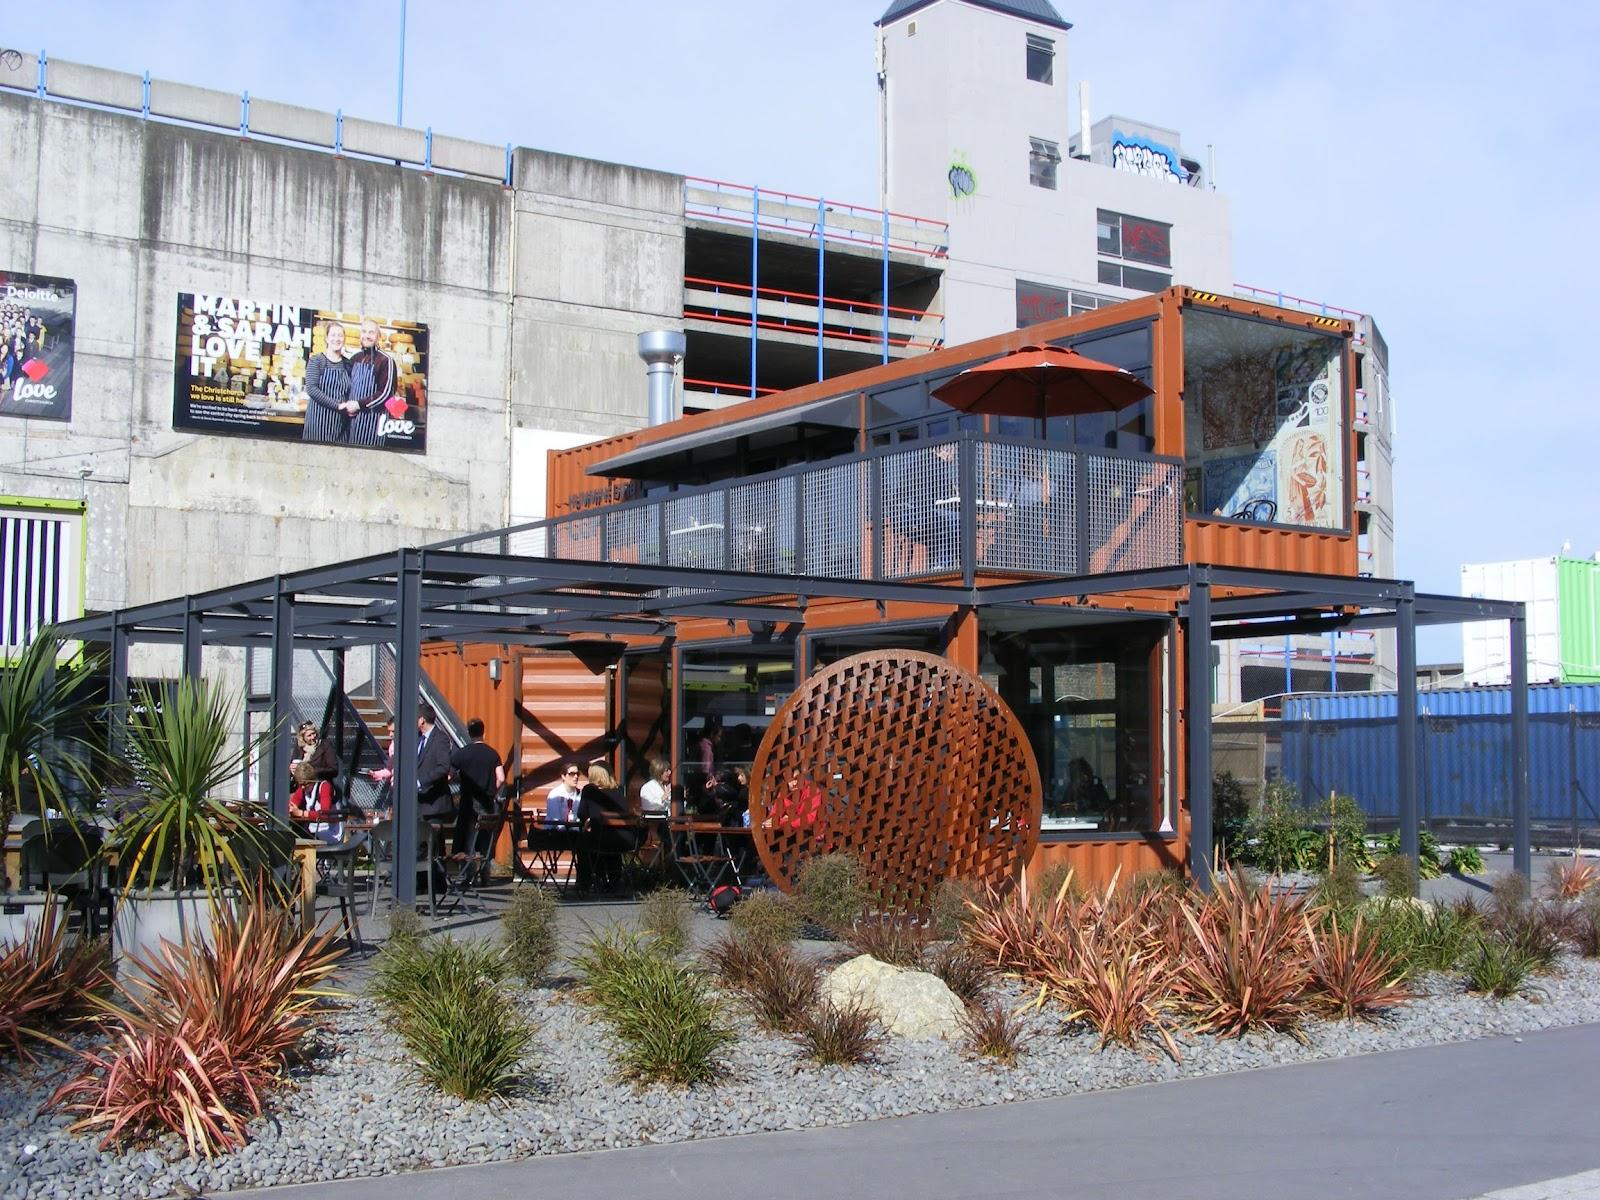 Rachel callaghan landscape architect nz container city for Landscape design courses christchurch nz